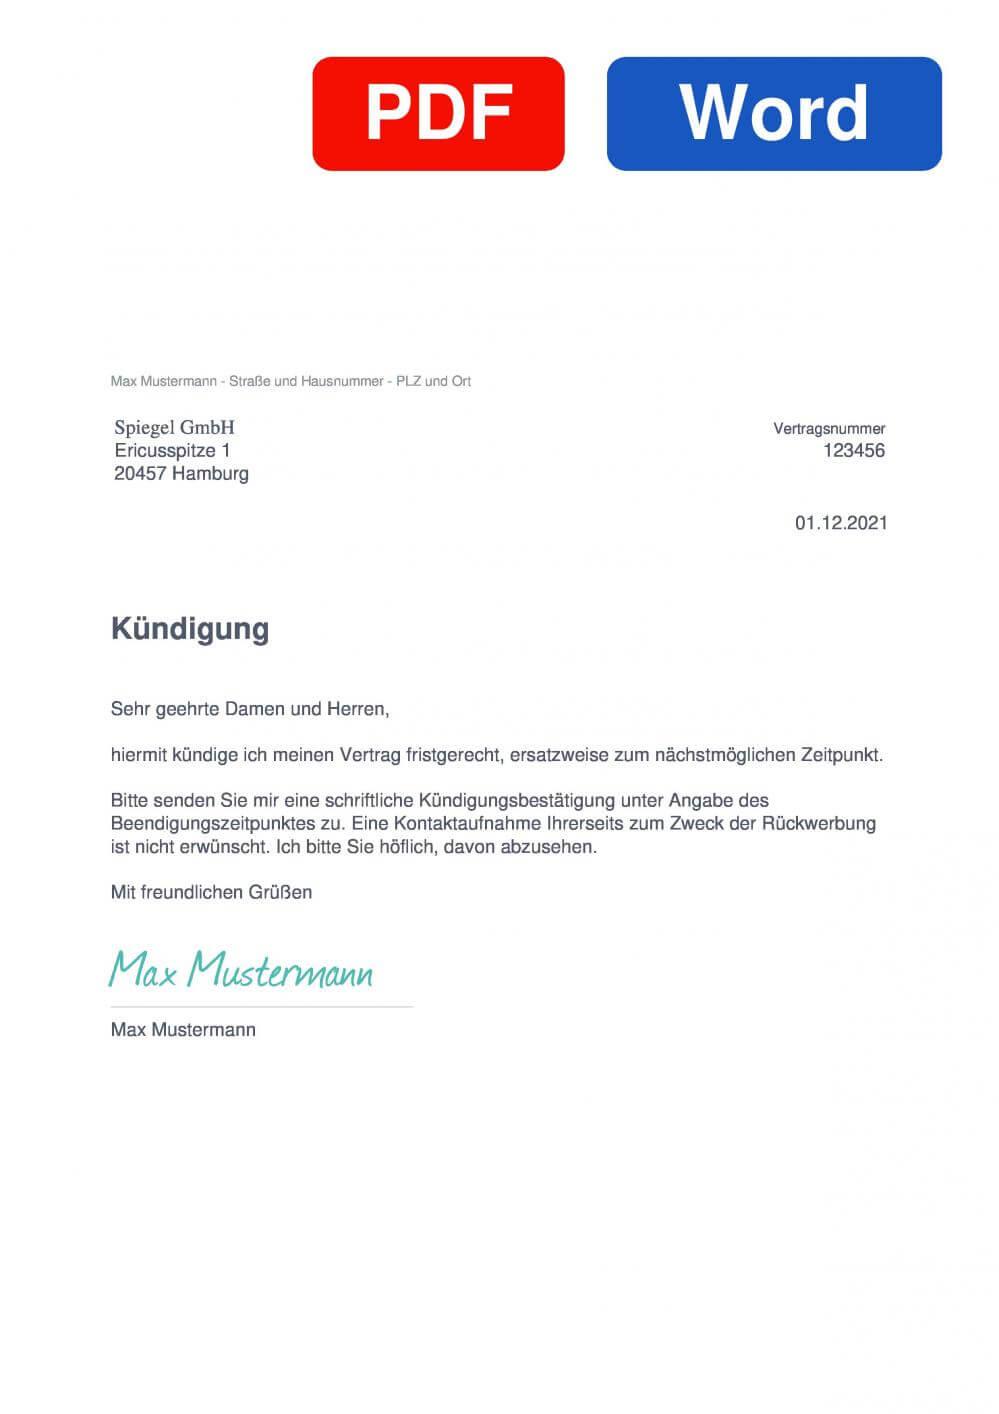 Spiegel Geschichte Muster Vorlage für Kündigungsschreiben